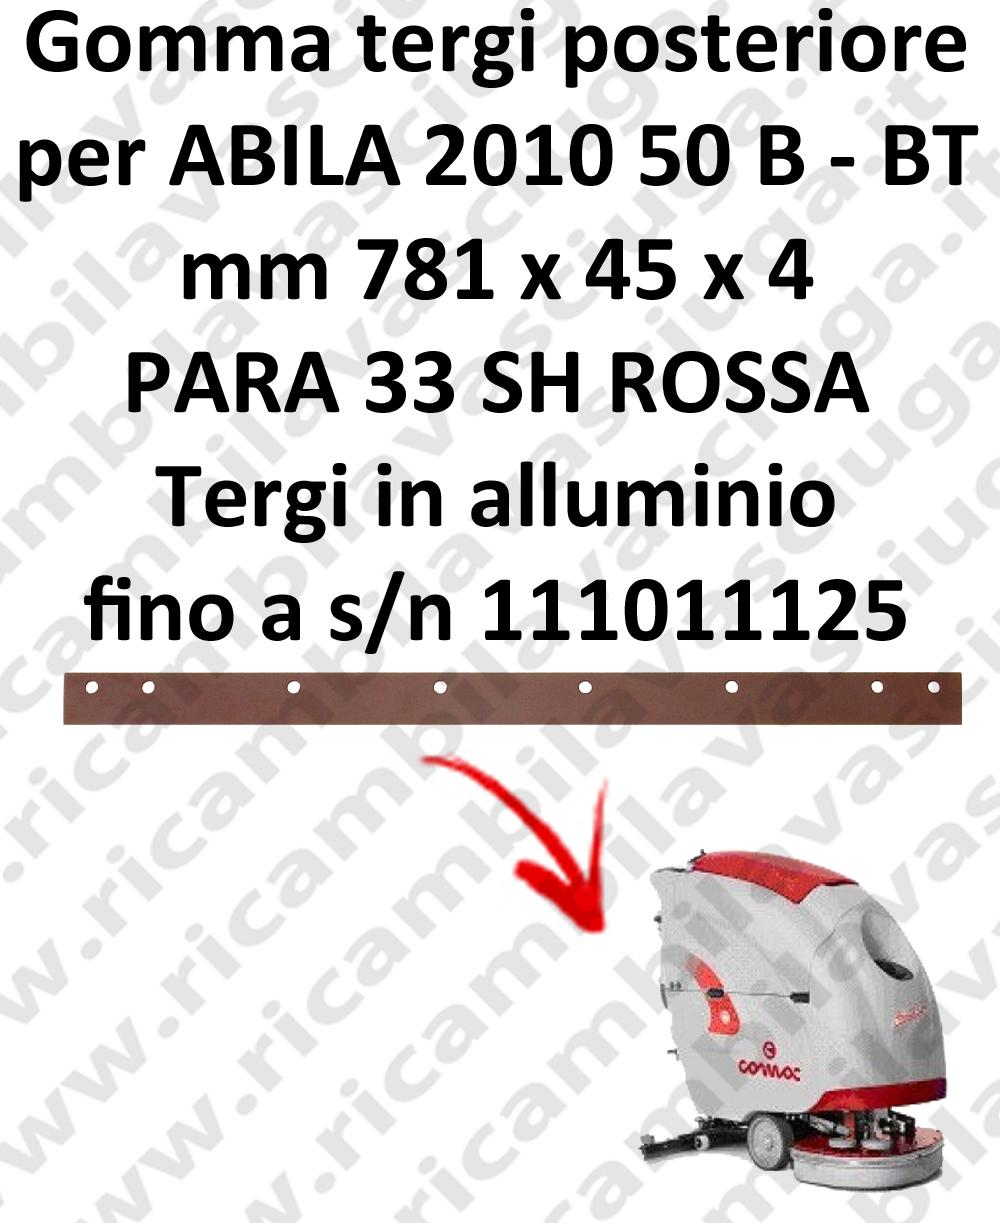 ABILA 2010 50 B - BT fino a s/n 111011125 GOMMA TERGIPAVIMENTO posteriore per COMAC ricambio lavapavimenti squeegee